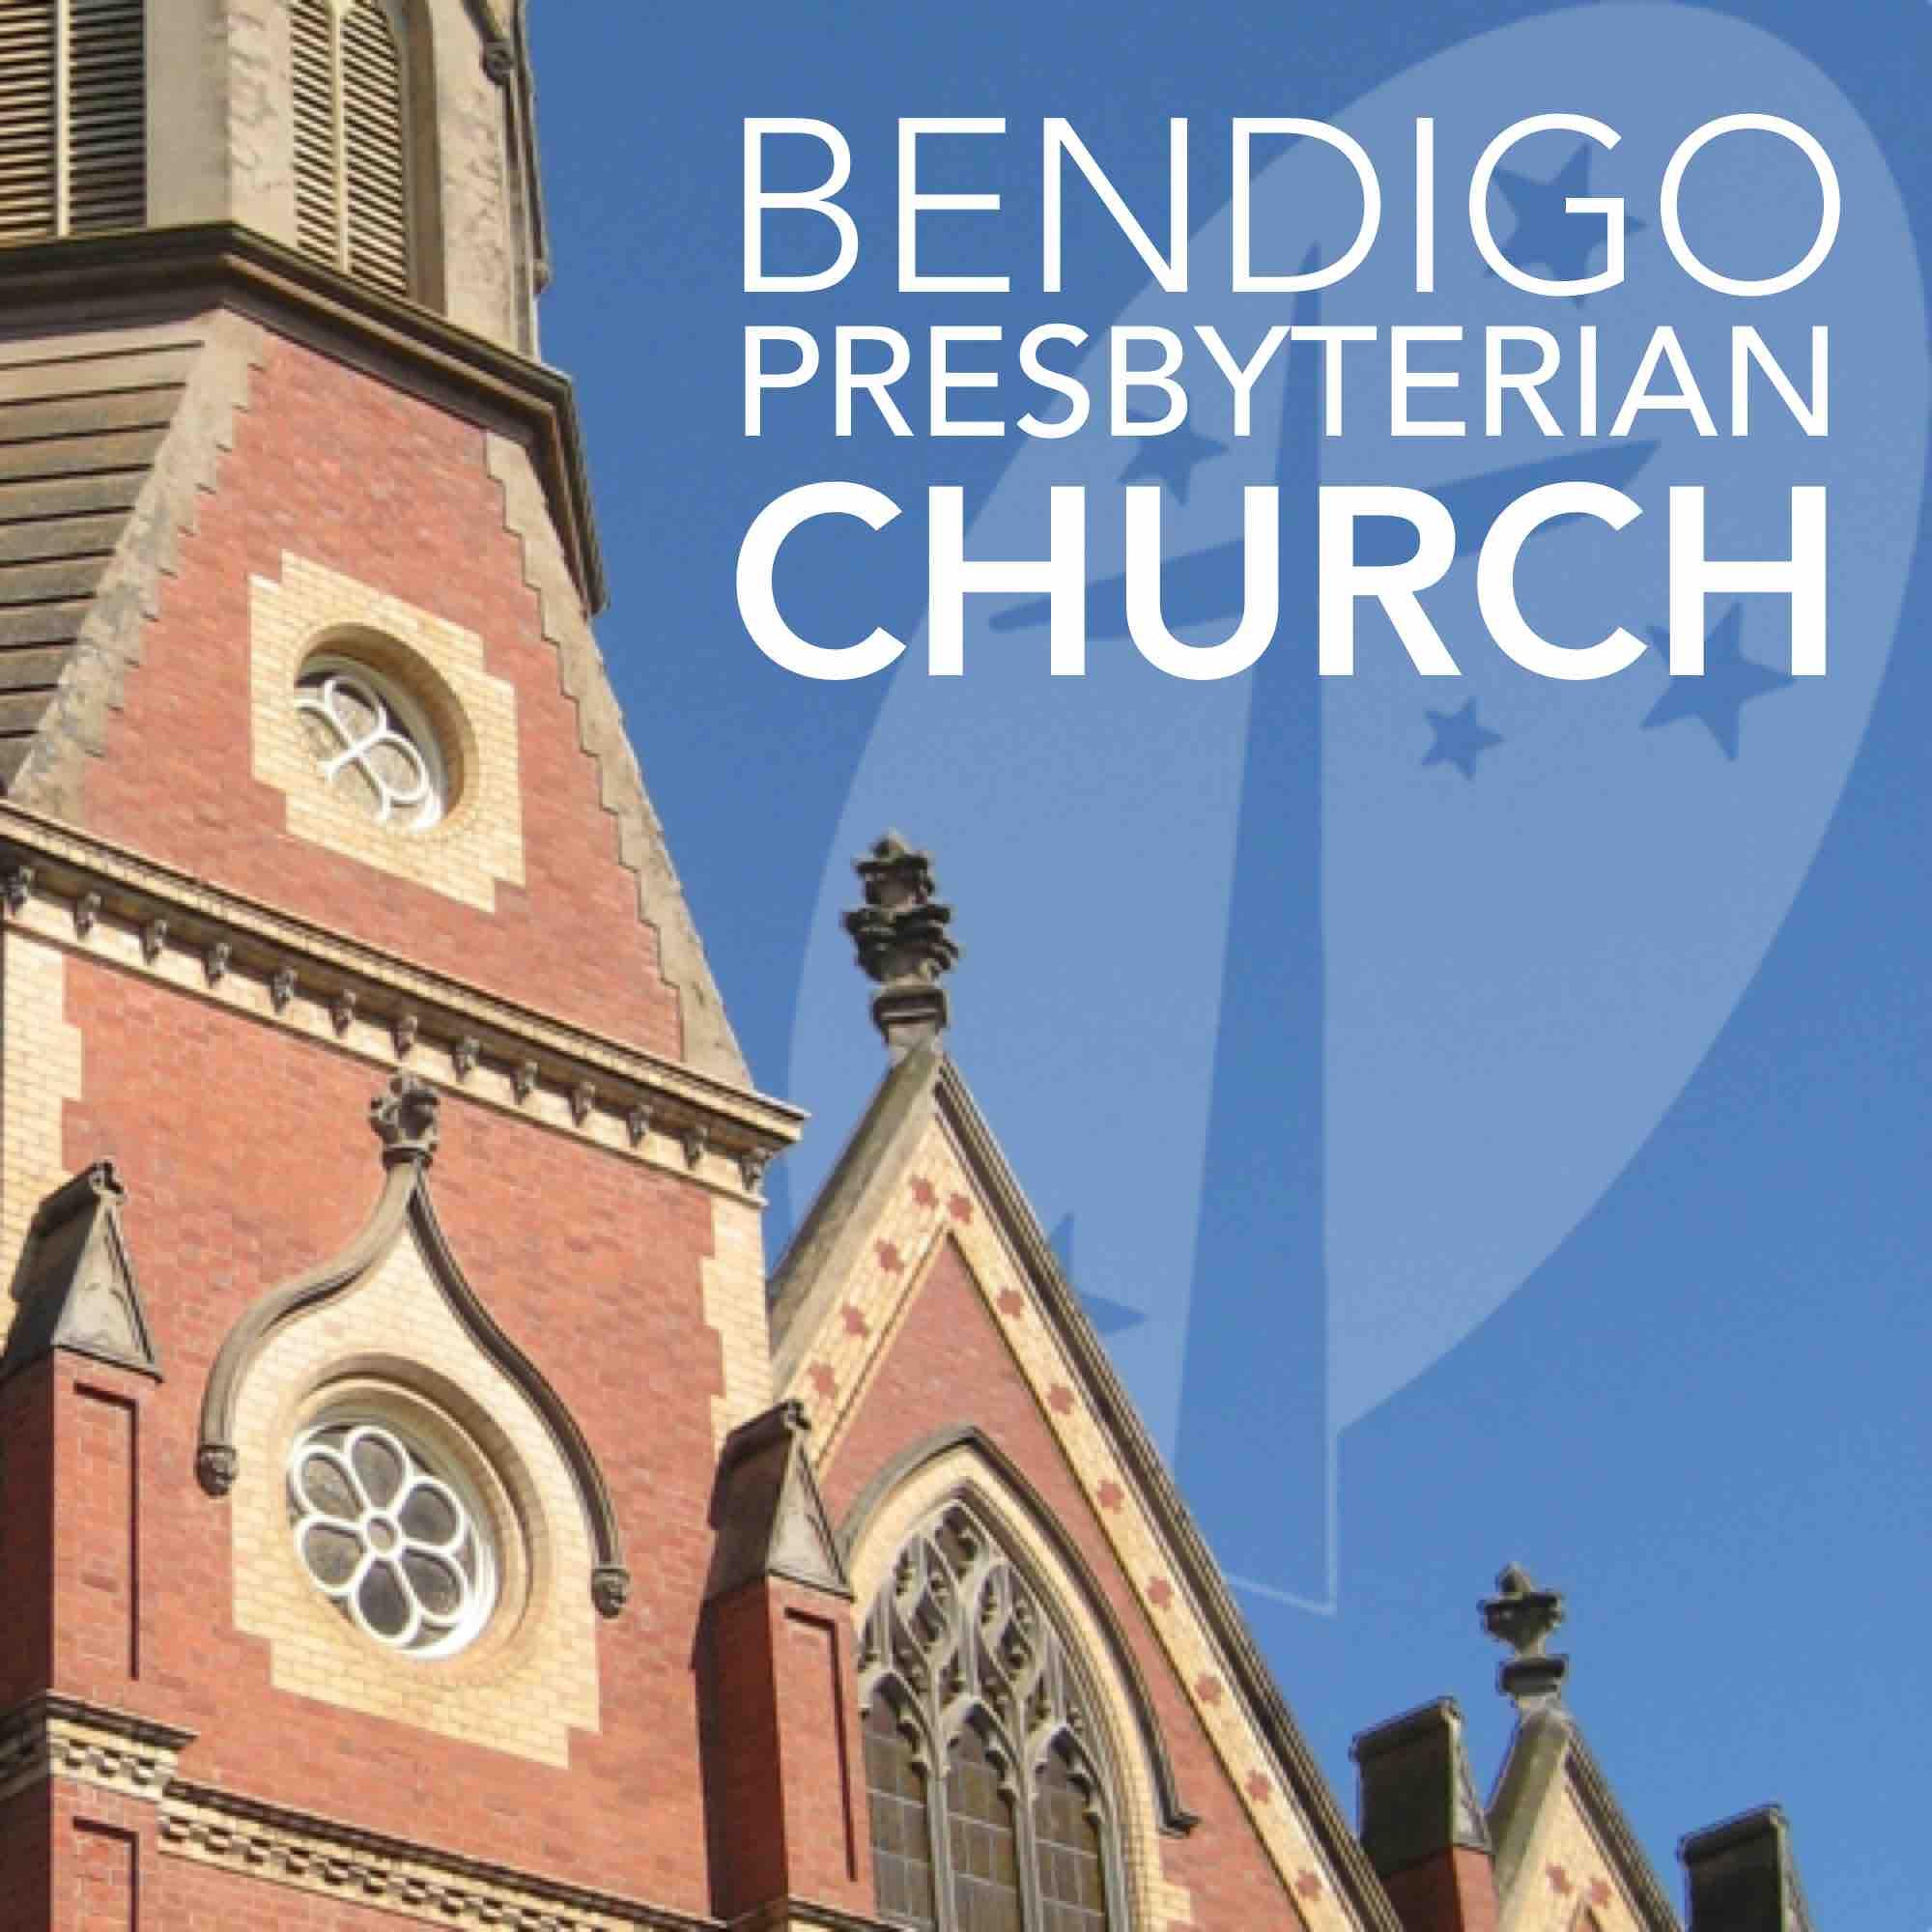 Bendigo Presbyterian Church